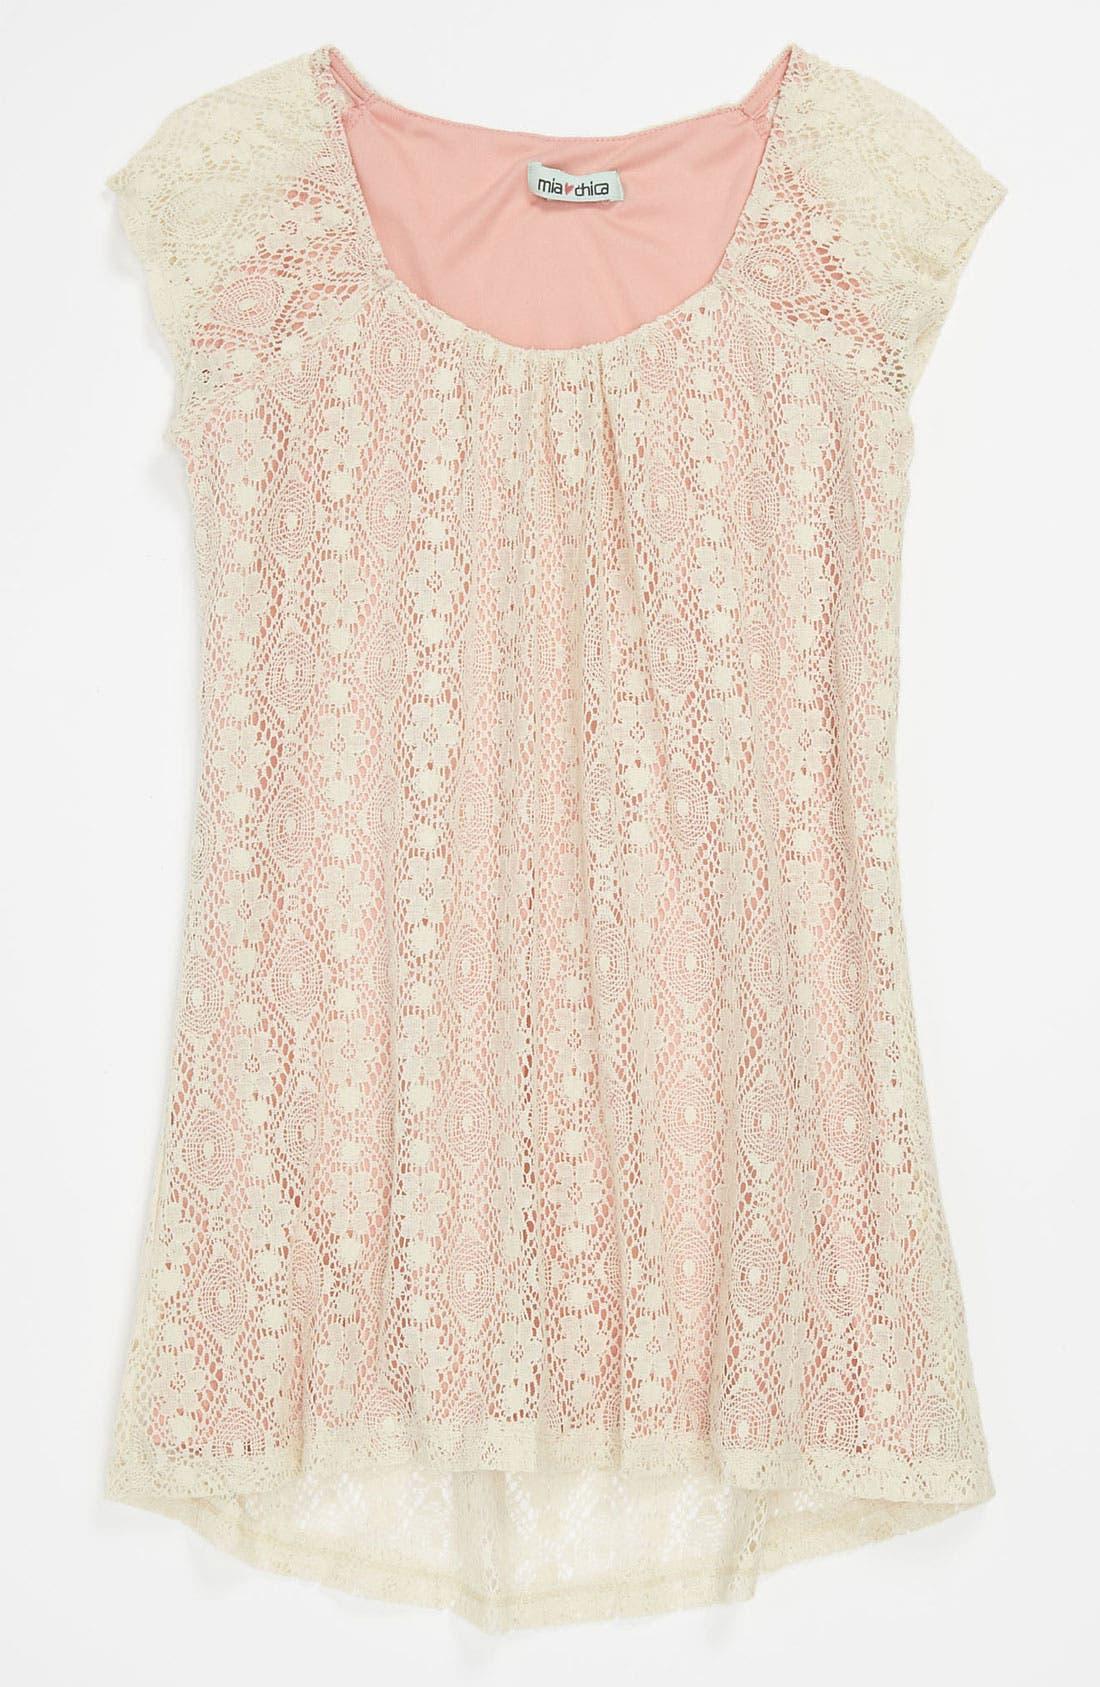 Main Image - Mia Chica Lace Overlay Trapeze Dress (Big Girls)